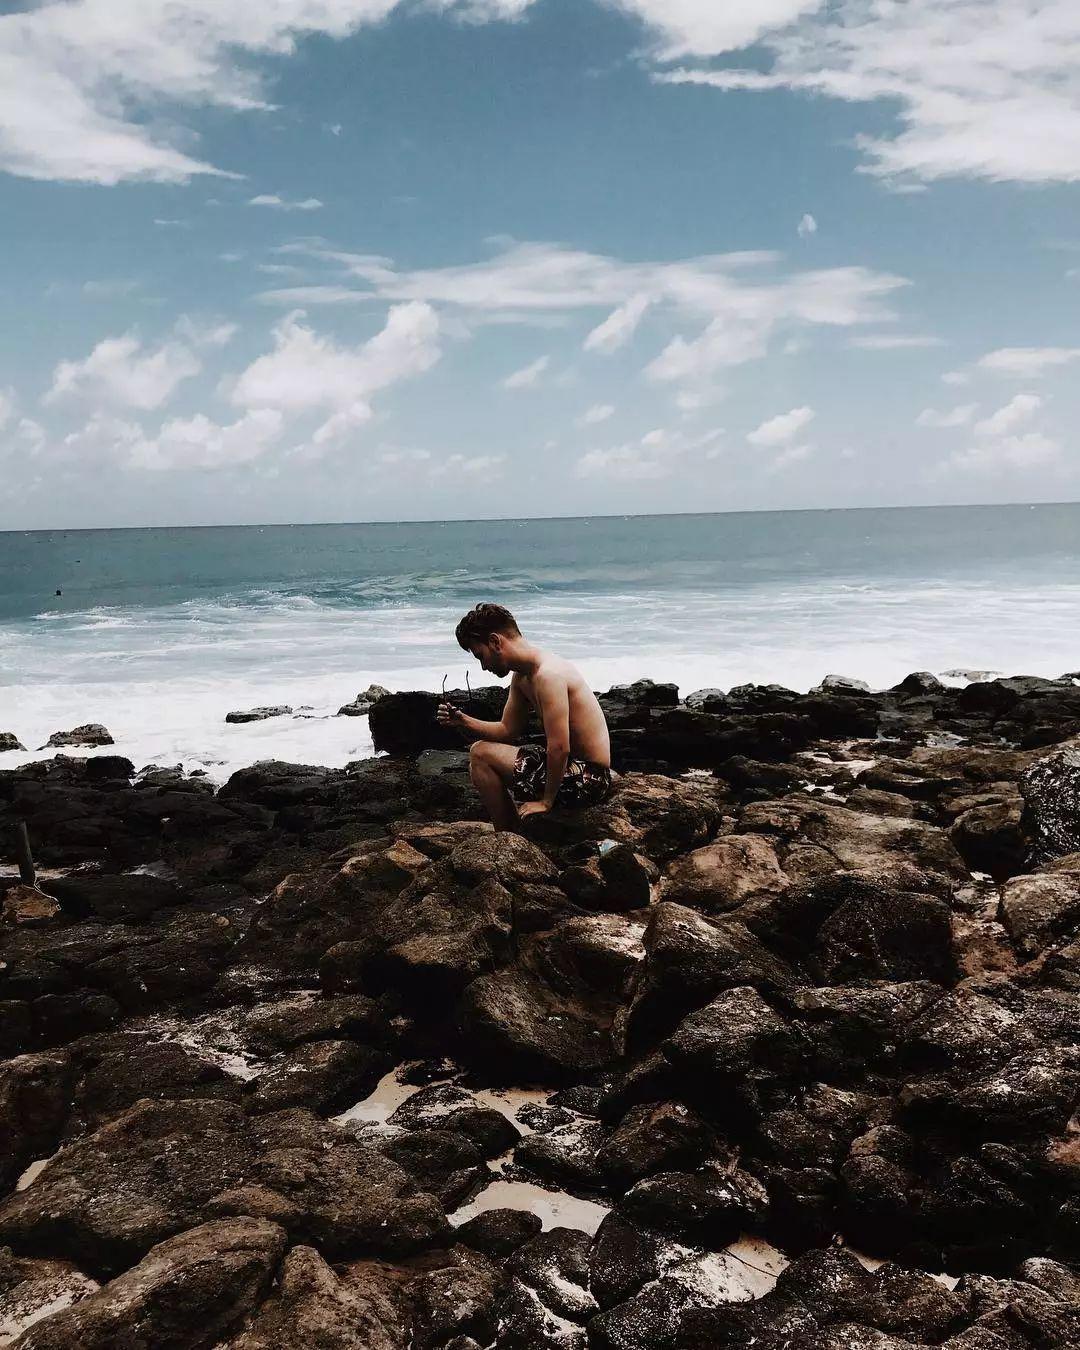 型男拍照技巧-与大海合拍